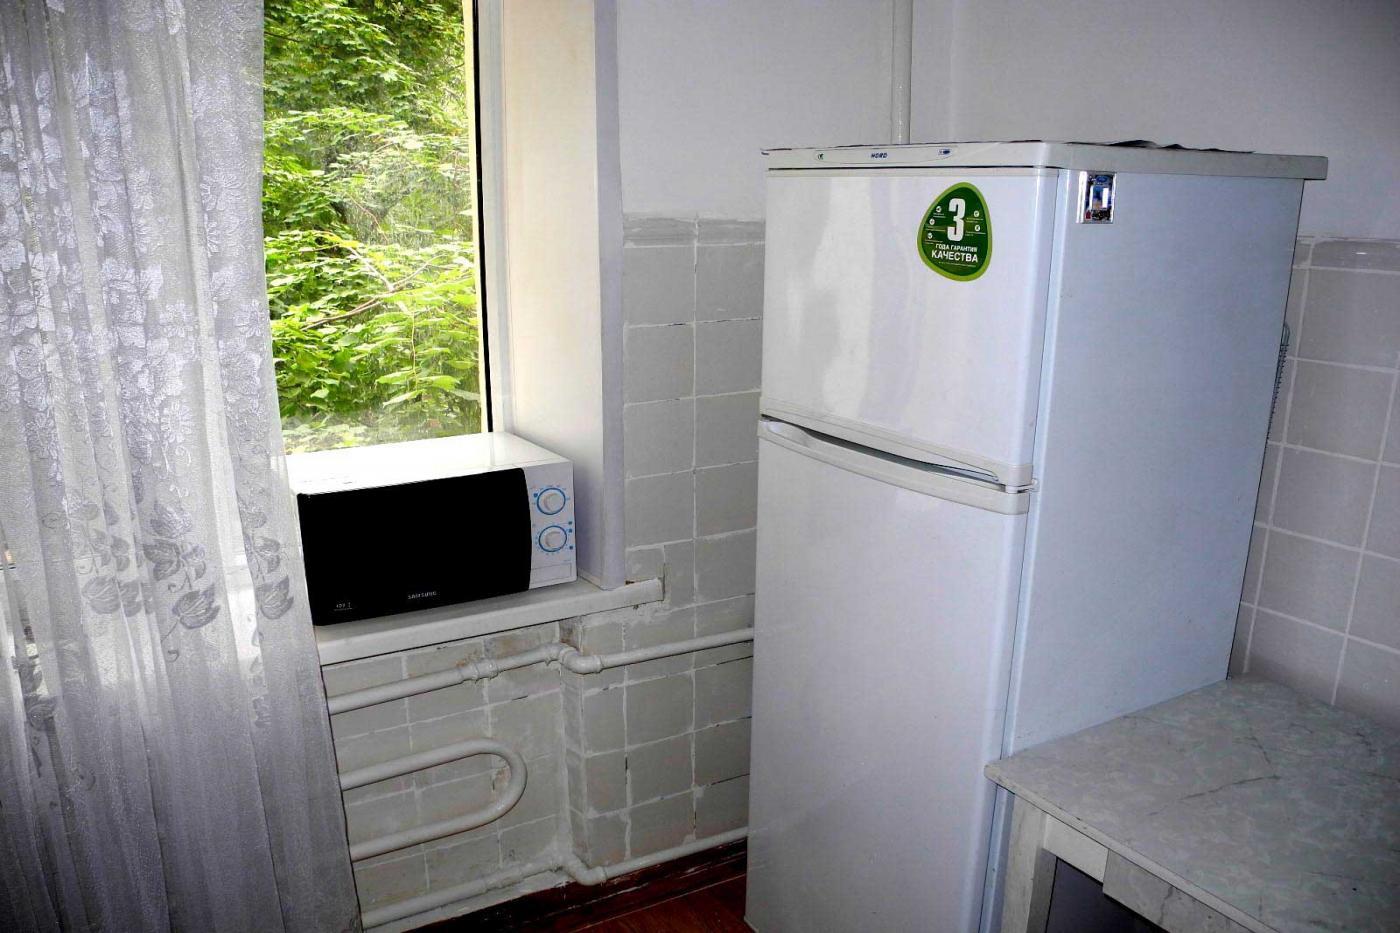 1-комнатная квартира посуточно (вариант № 3858), ул. Кольцовская улица, фото № 16